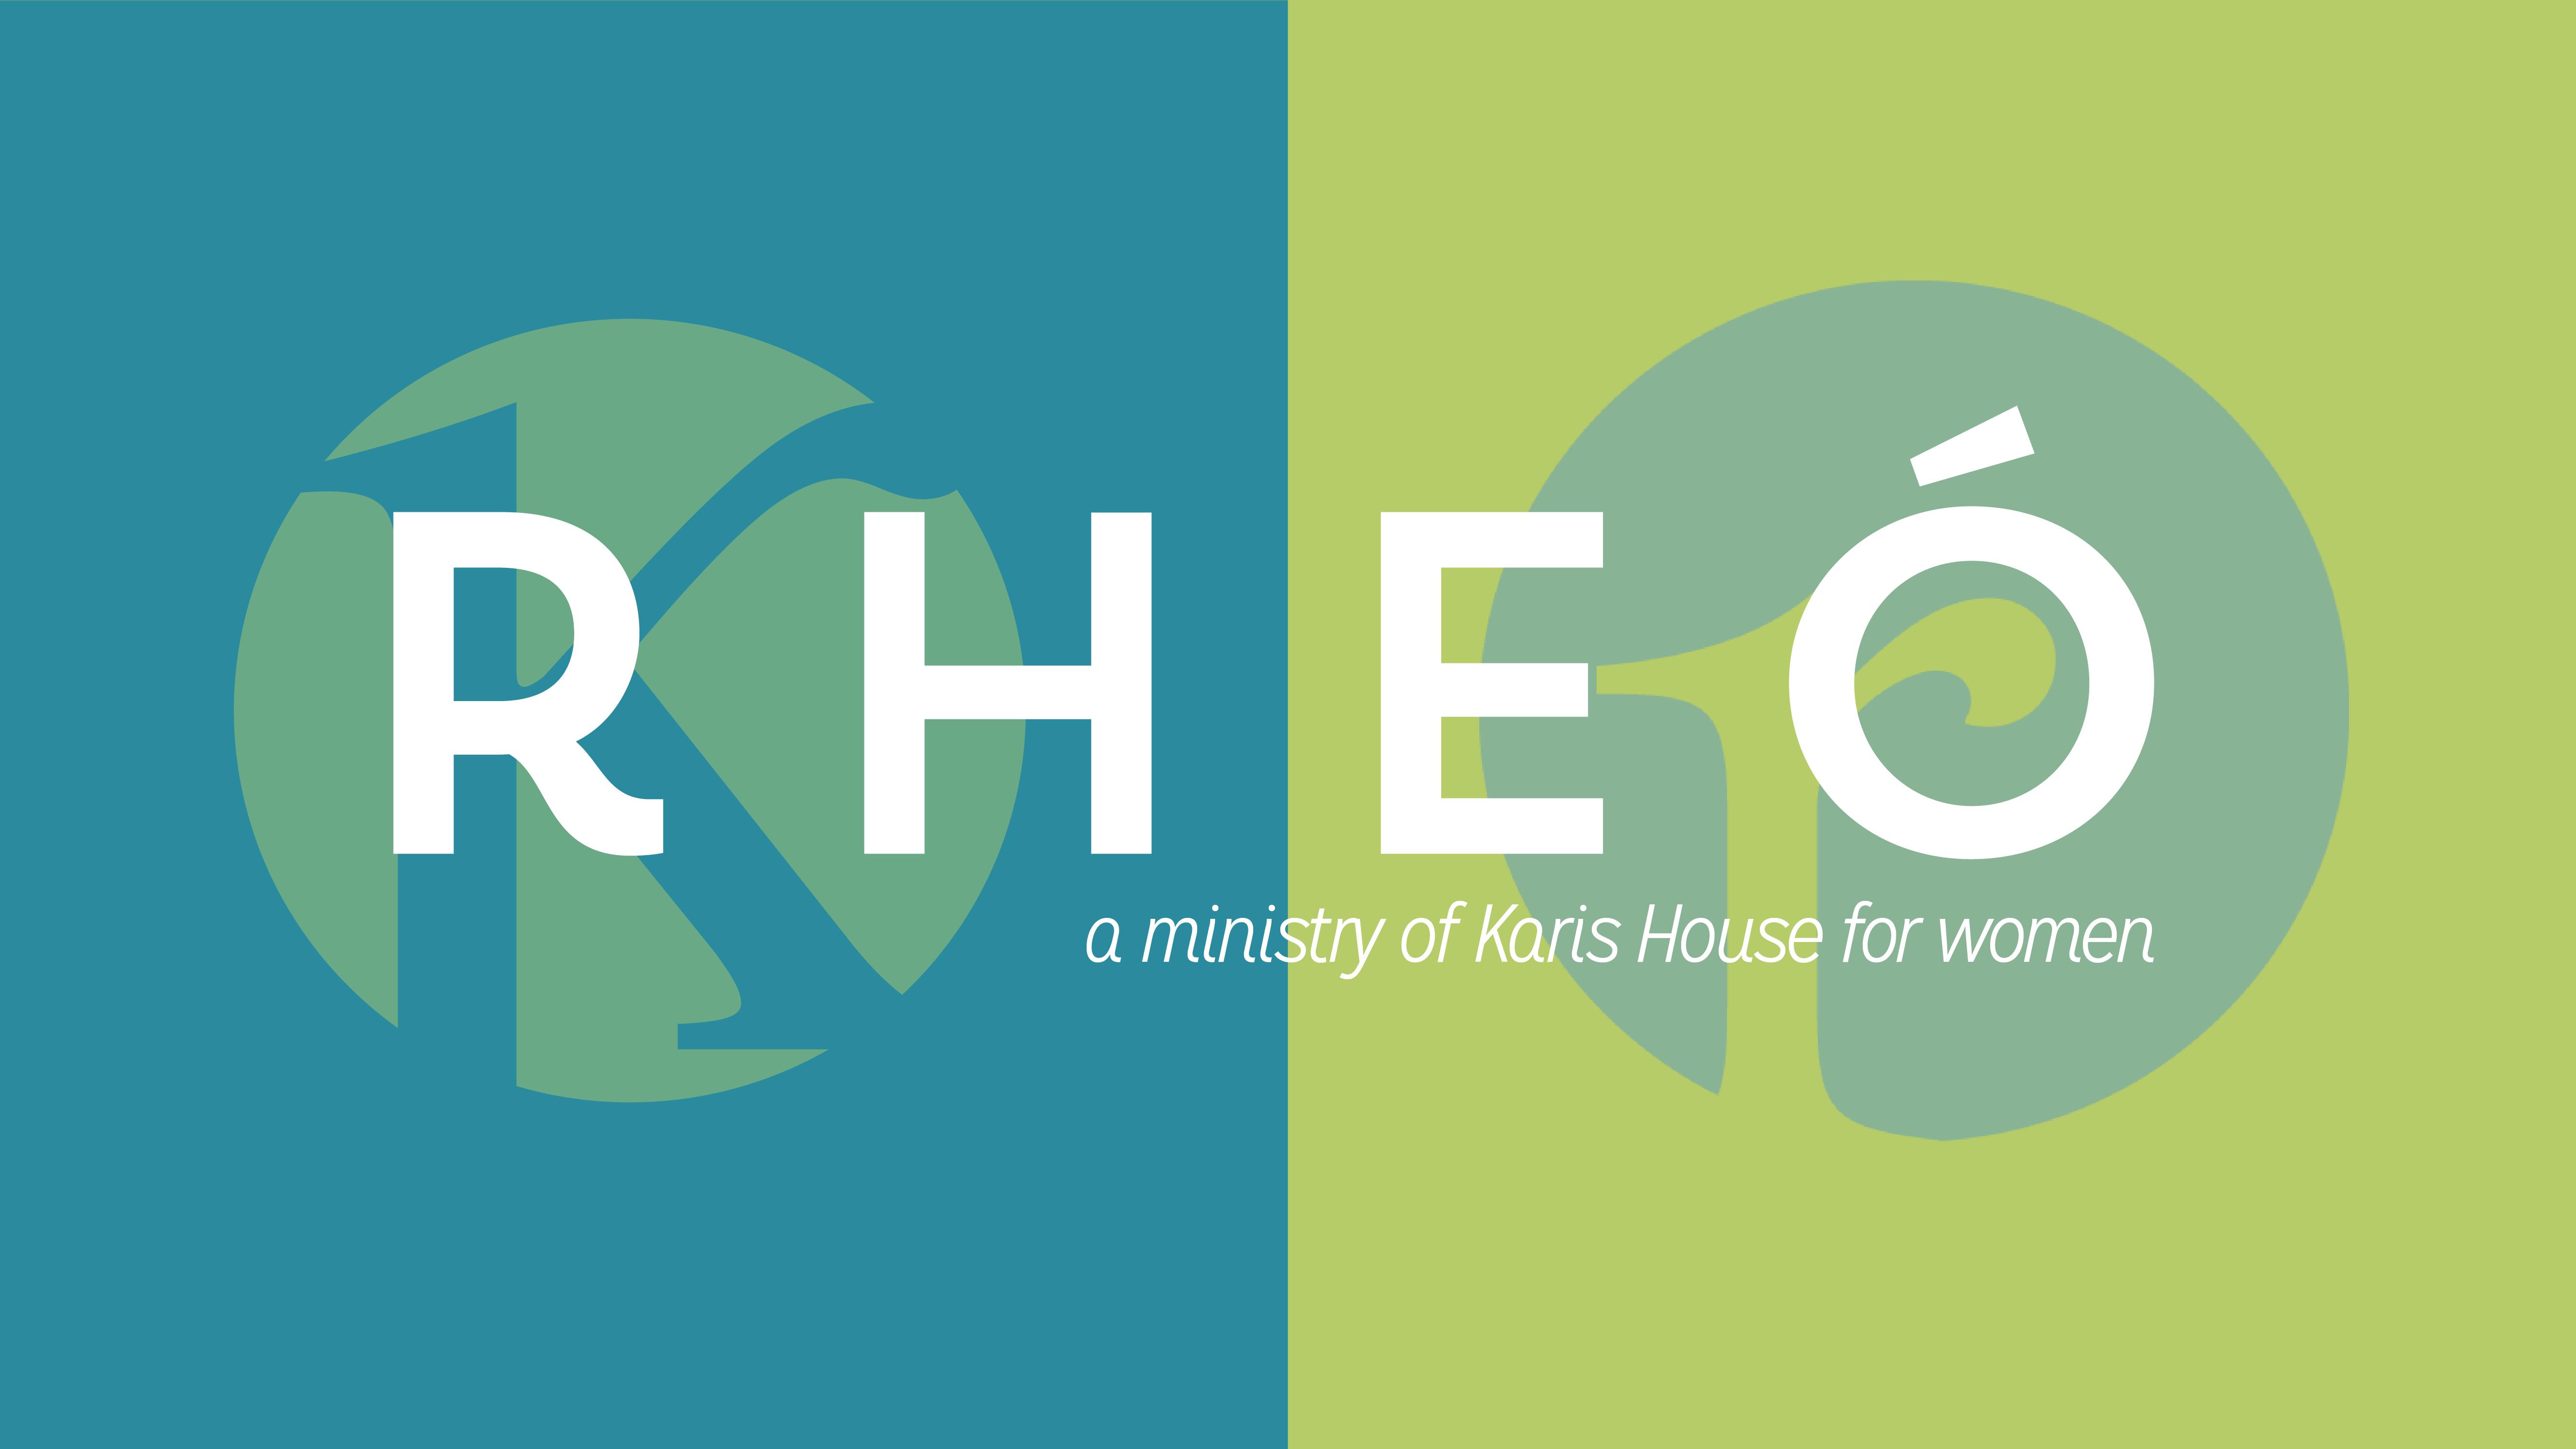 Rheo wc web 3 17